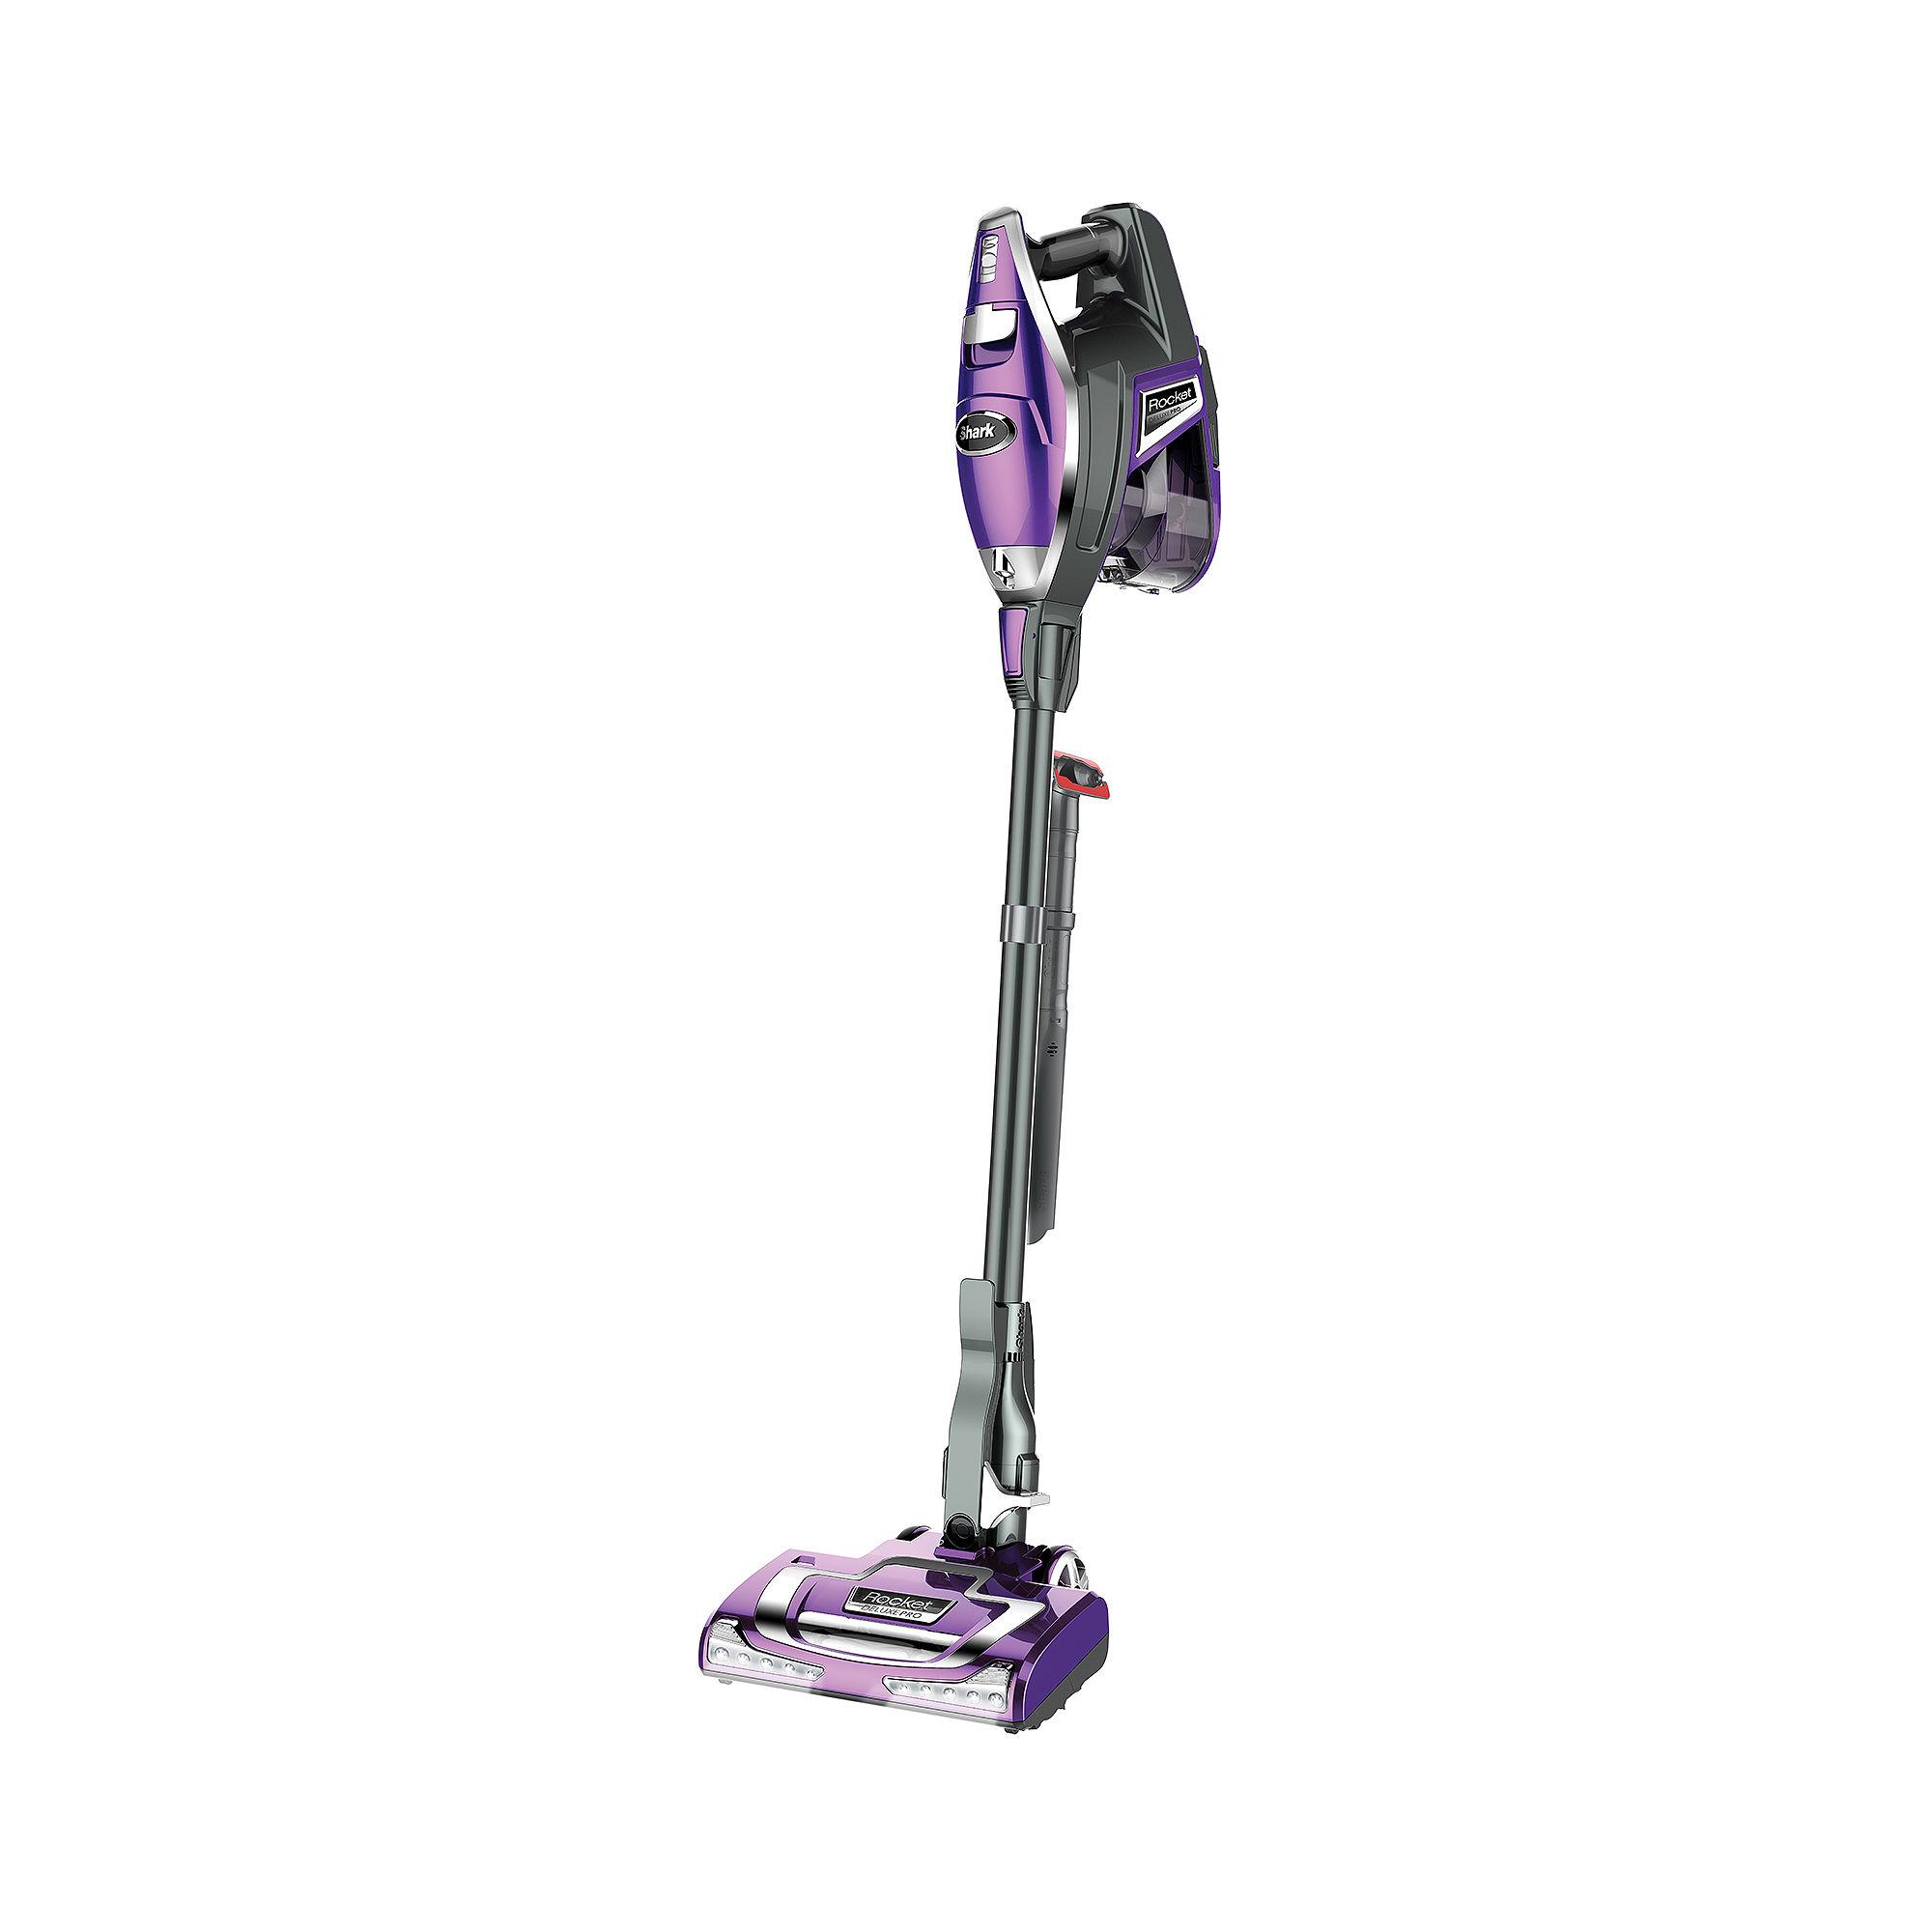 Shark Rocket DeluxePro Ultra-Light Upright Vacuum -HV321